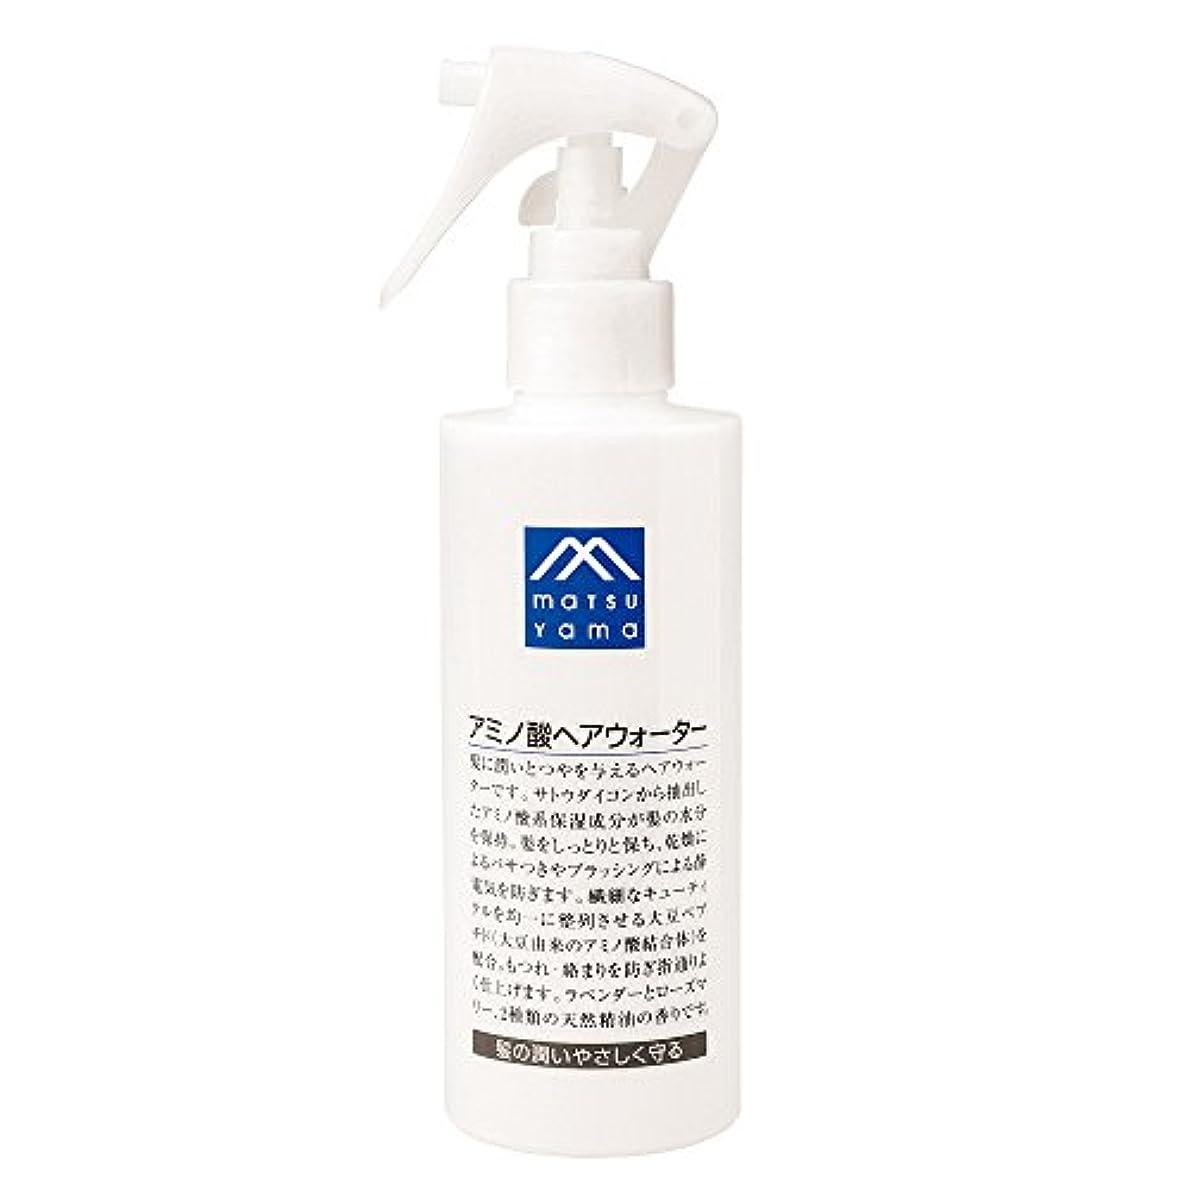 クリーム法律により繊細M-mark アミノ酸ヘアウォーター